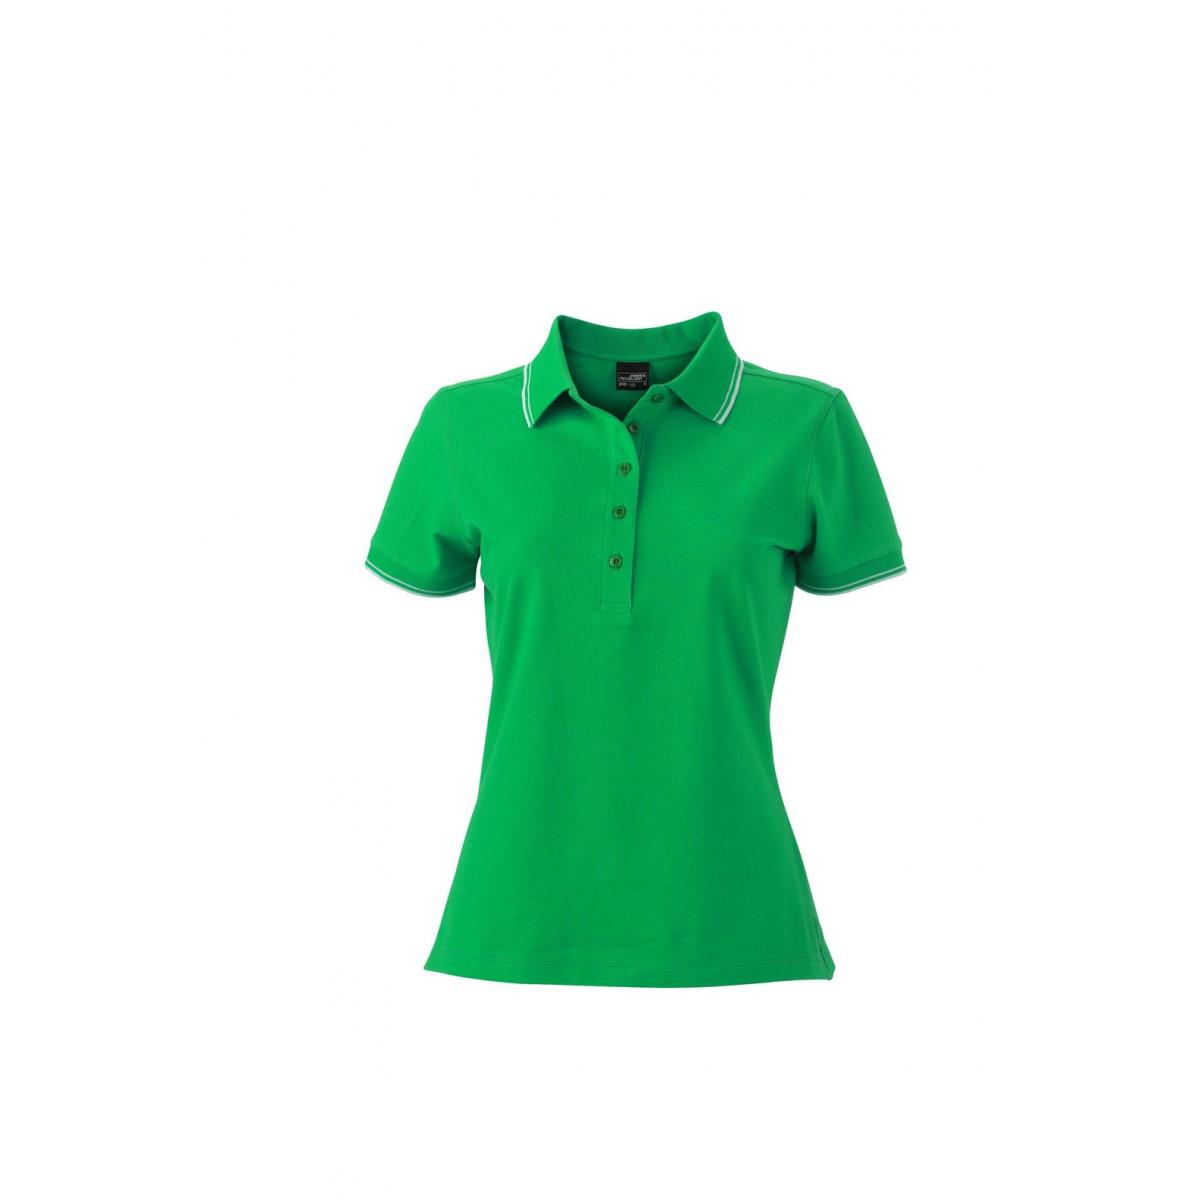 Рубашка поло женская JN985 Ladies Polo - Насыщенный зеленый/Белый